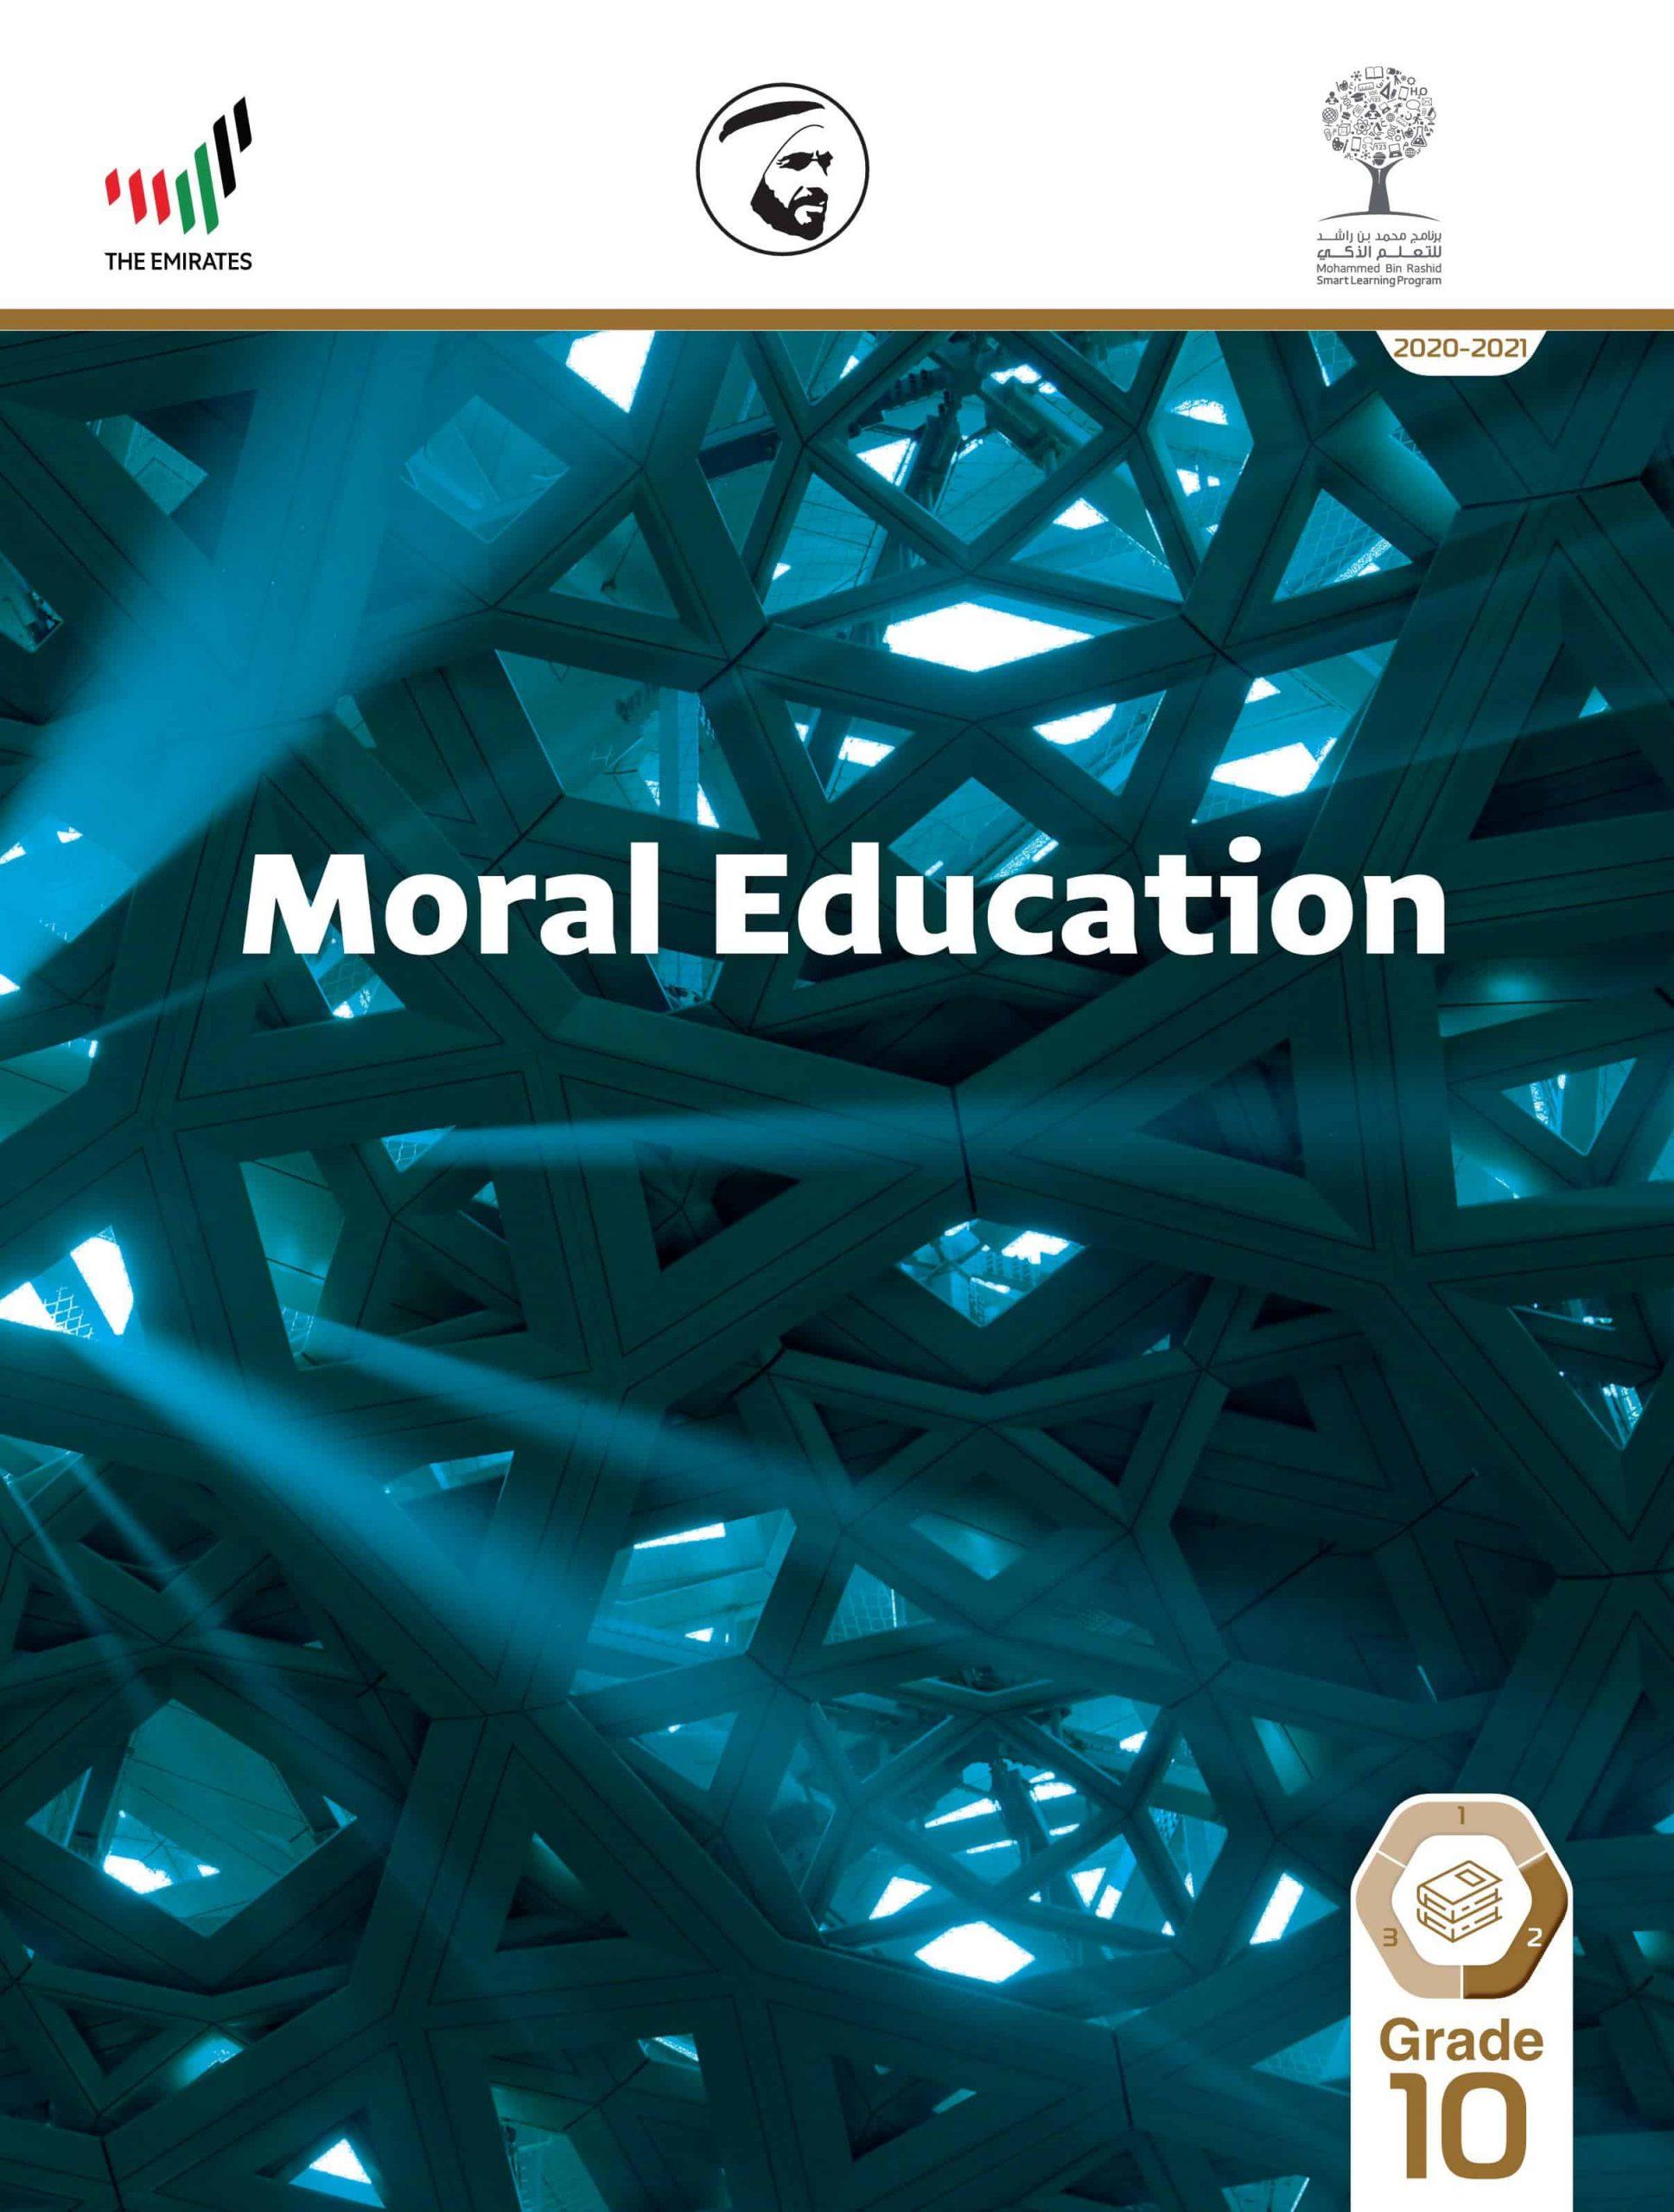 كتاب الطالب بالانجليزي الفصل الدراسي الثاني 2020-2021 الصف العاشر مادة التربية الاخلاقية